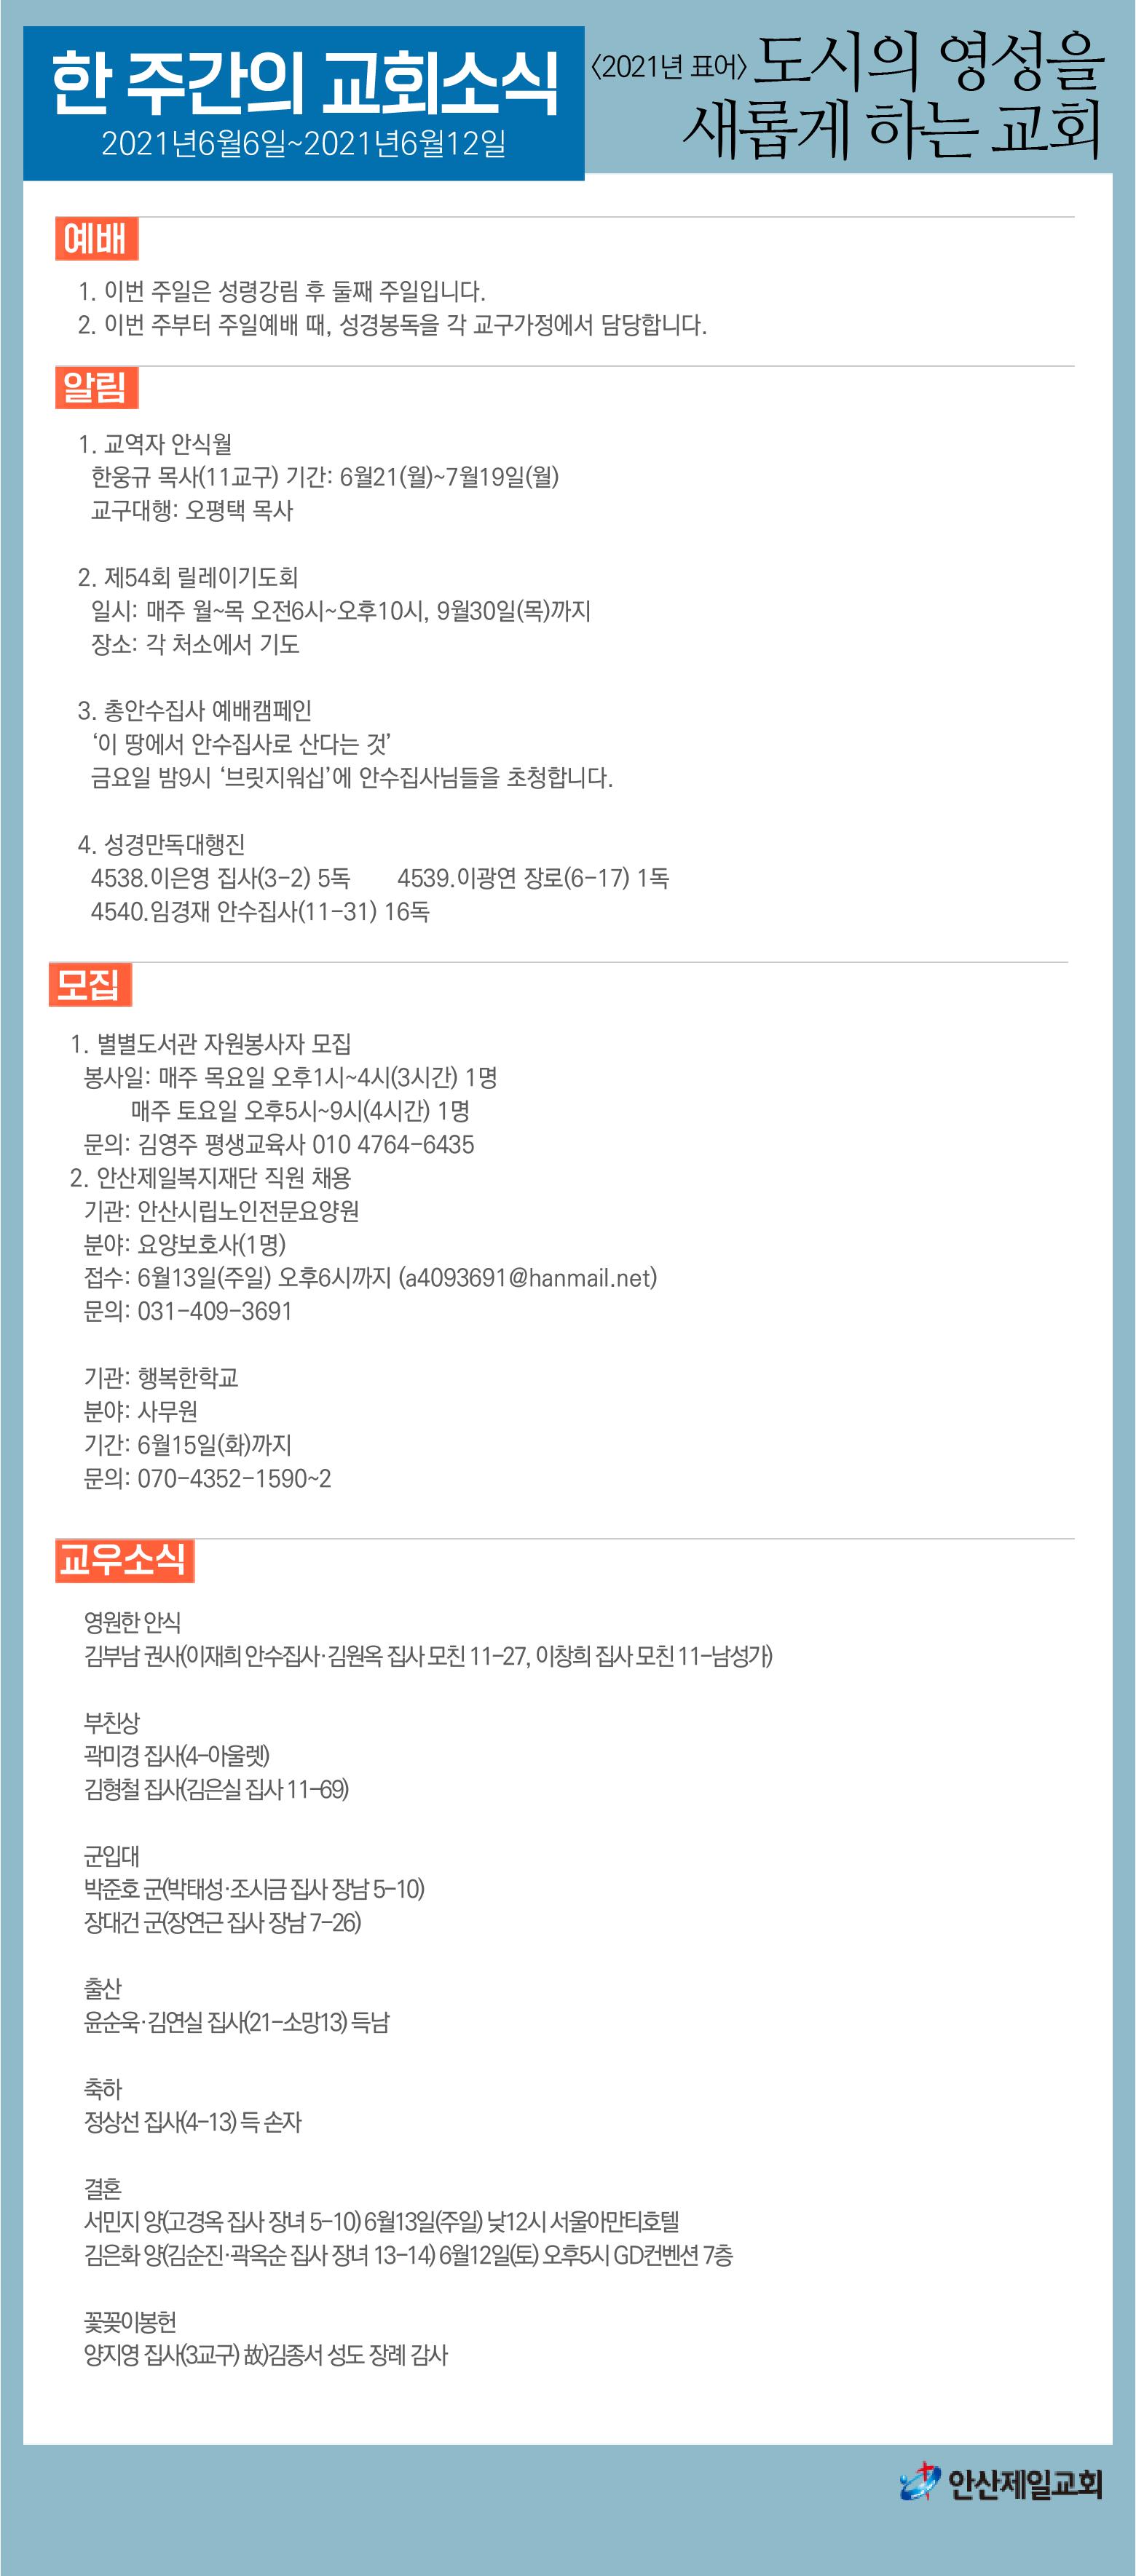 한주간소식(20210606)-01.png